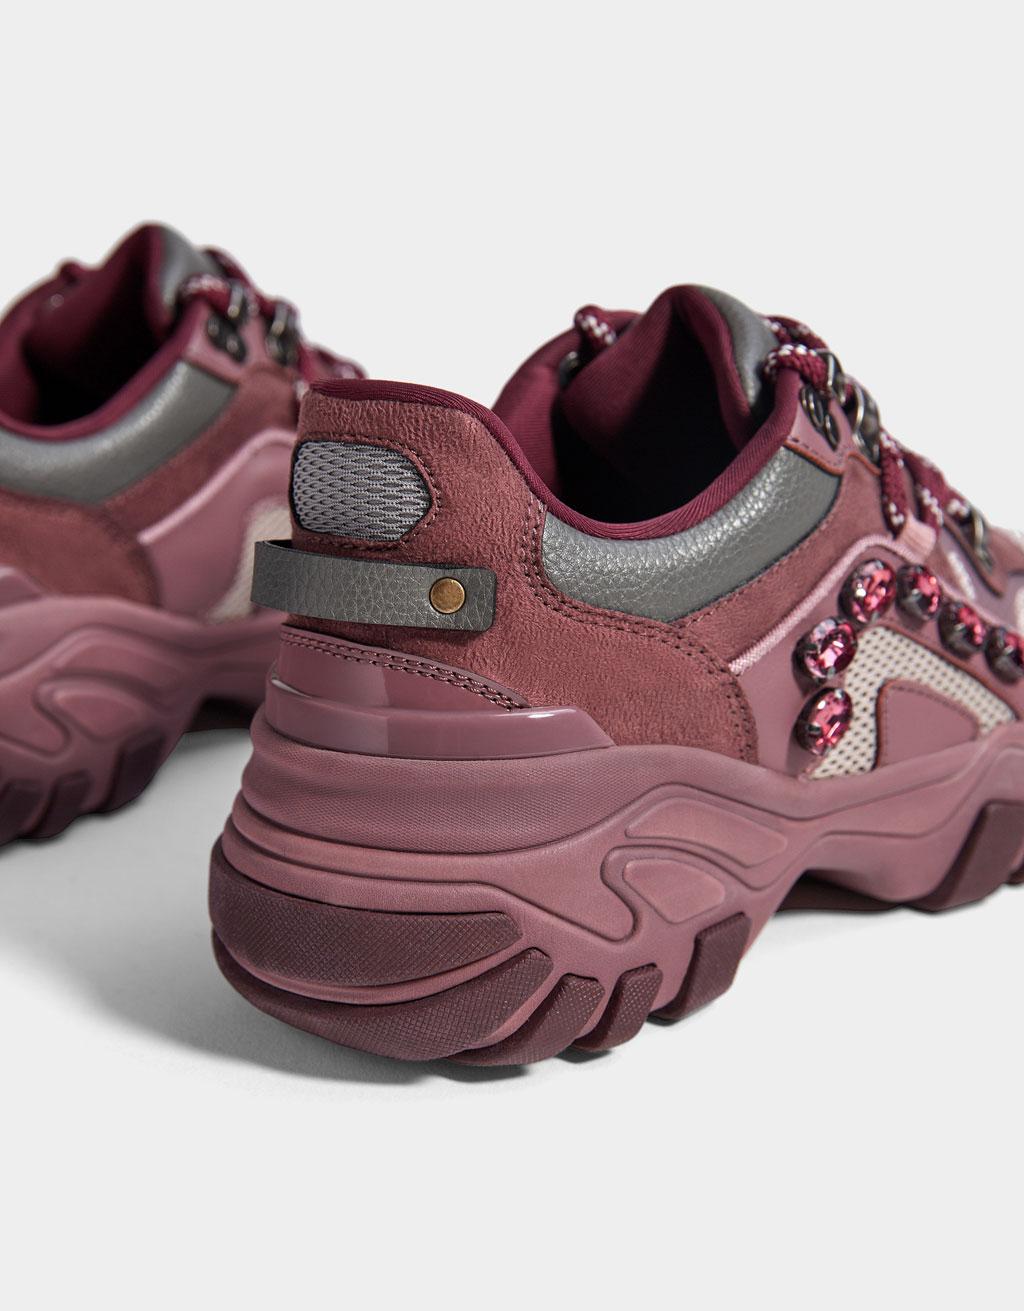 f50d64c375bc09 Kombinierte Sneaker mit Plateau und Schmuckbesatz Kombinierte Sneaker mit  Plateau und Schmuckbesatz ...